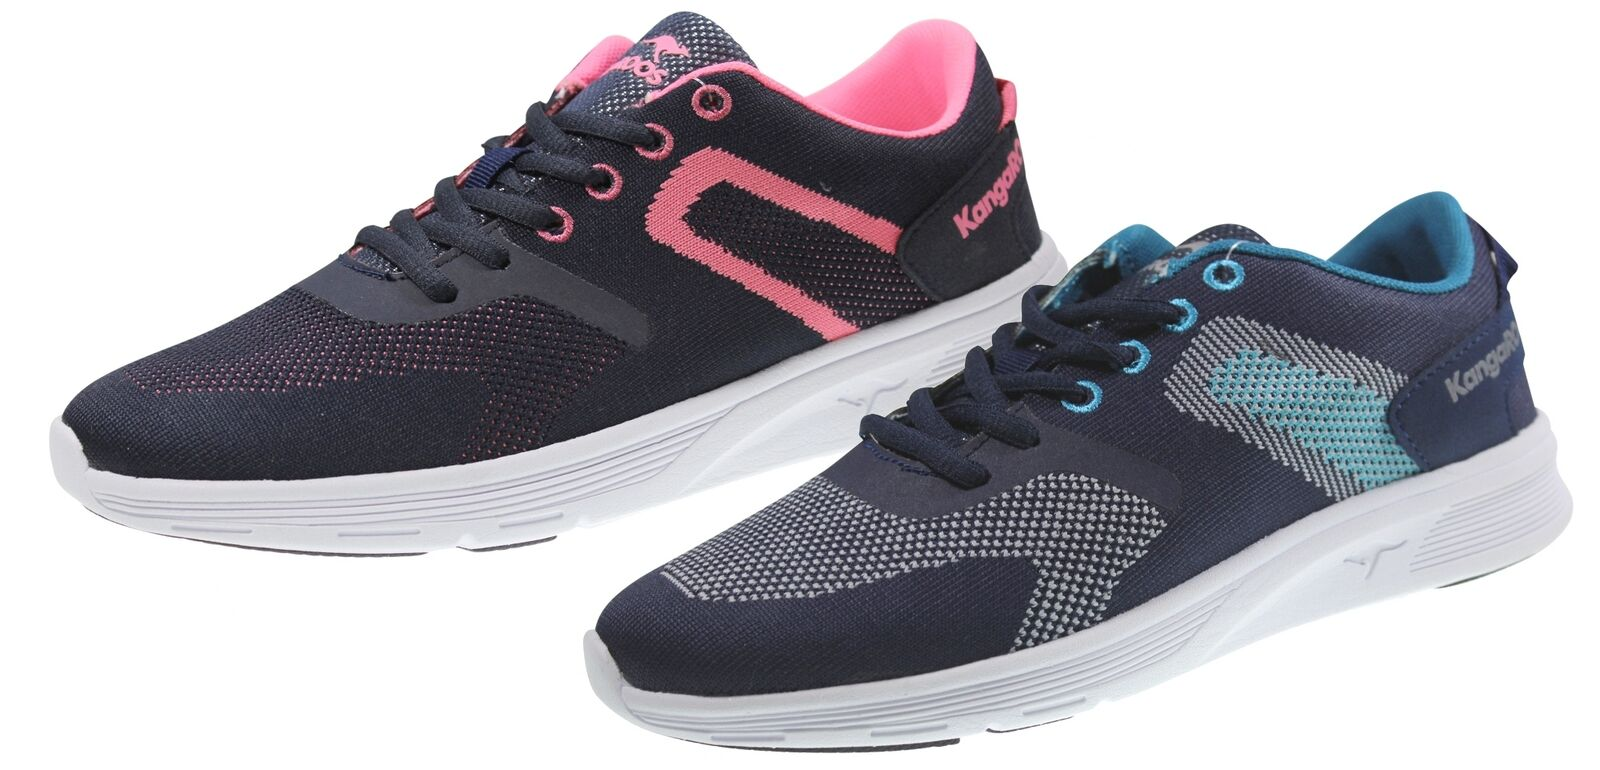 Kangaroos K-Light Turnchaussures femmes Basses Sport chaussures De Course Chaussure Lacée k1+k2